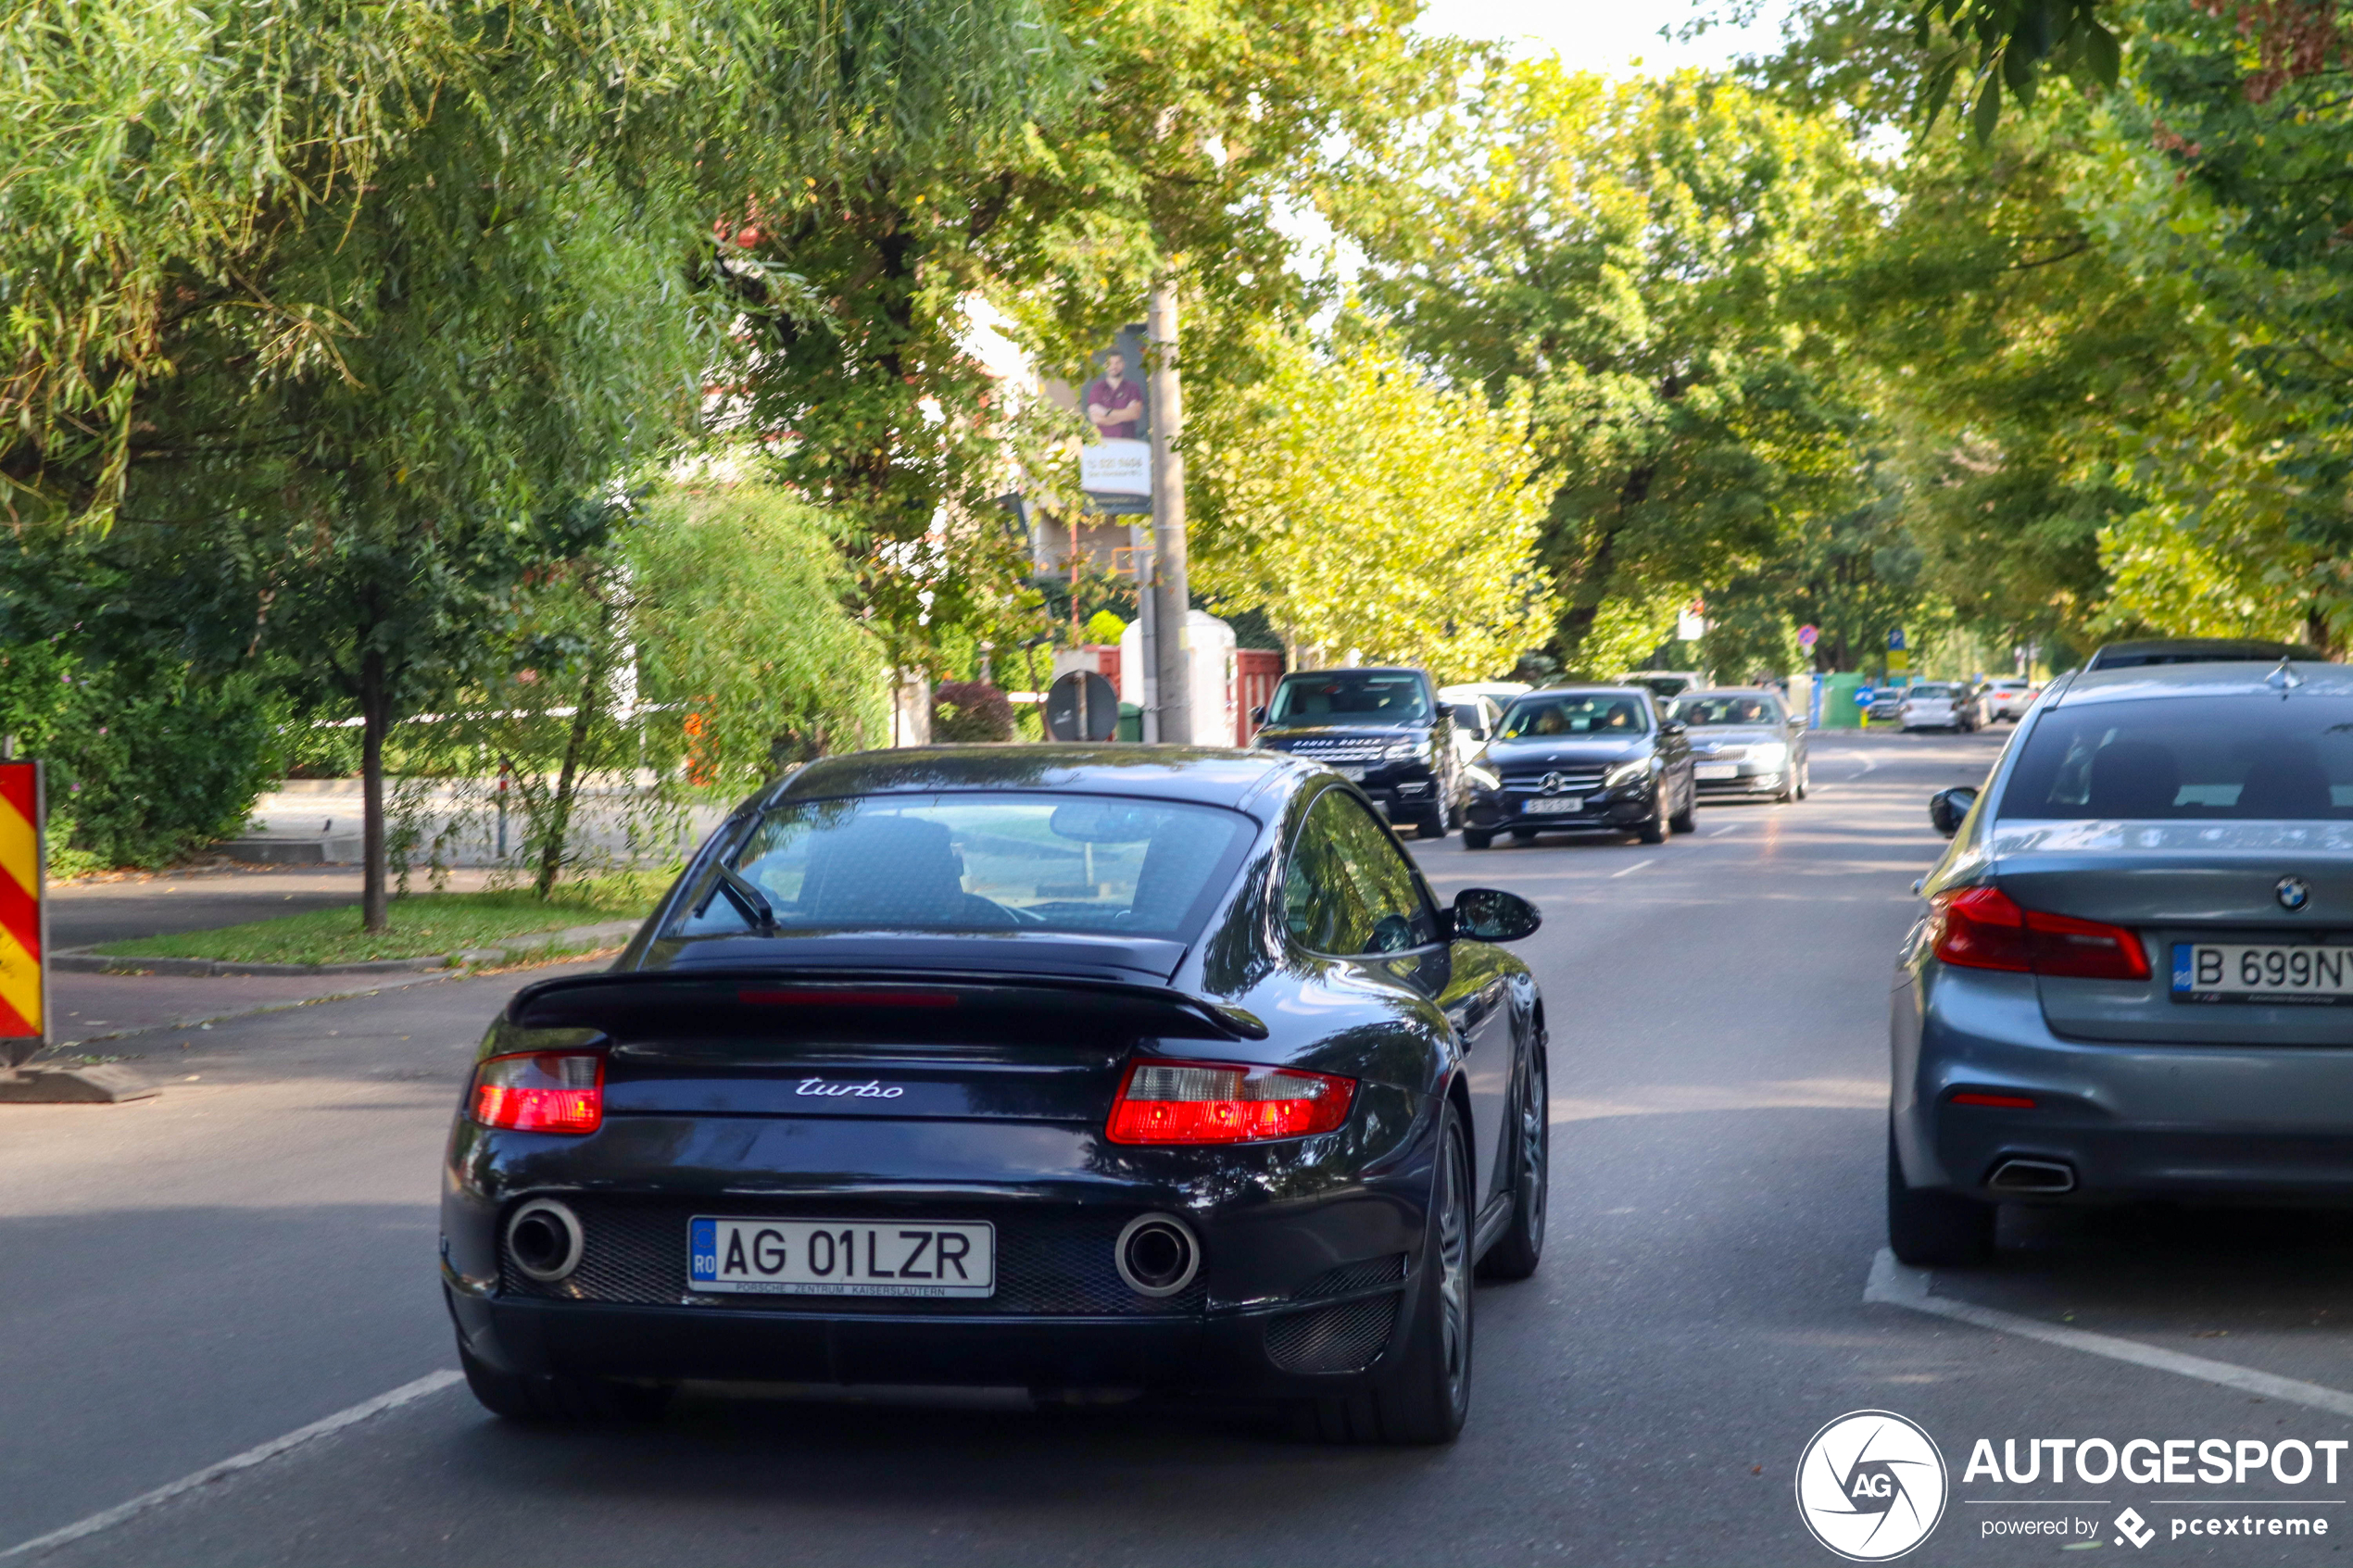 Porsche997 Turbo MkI